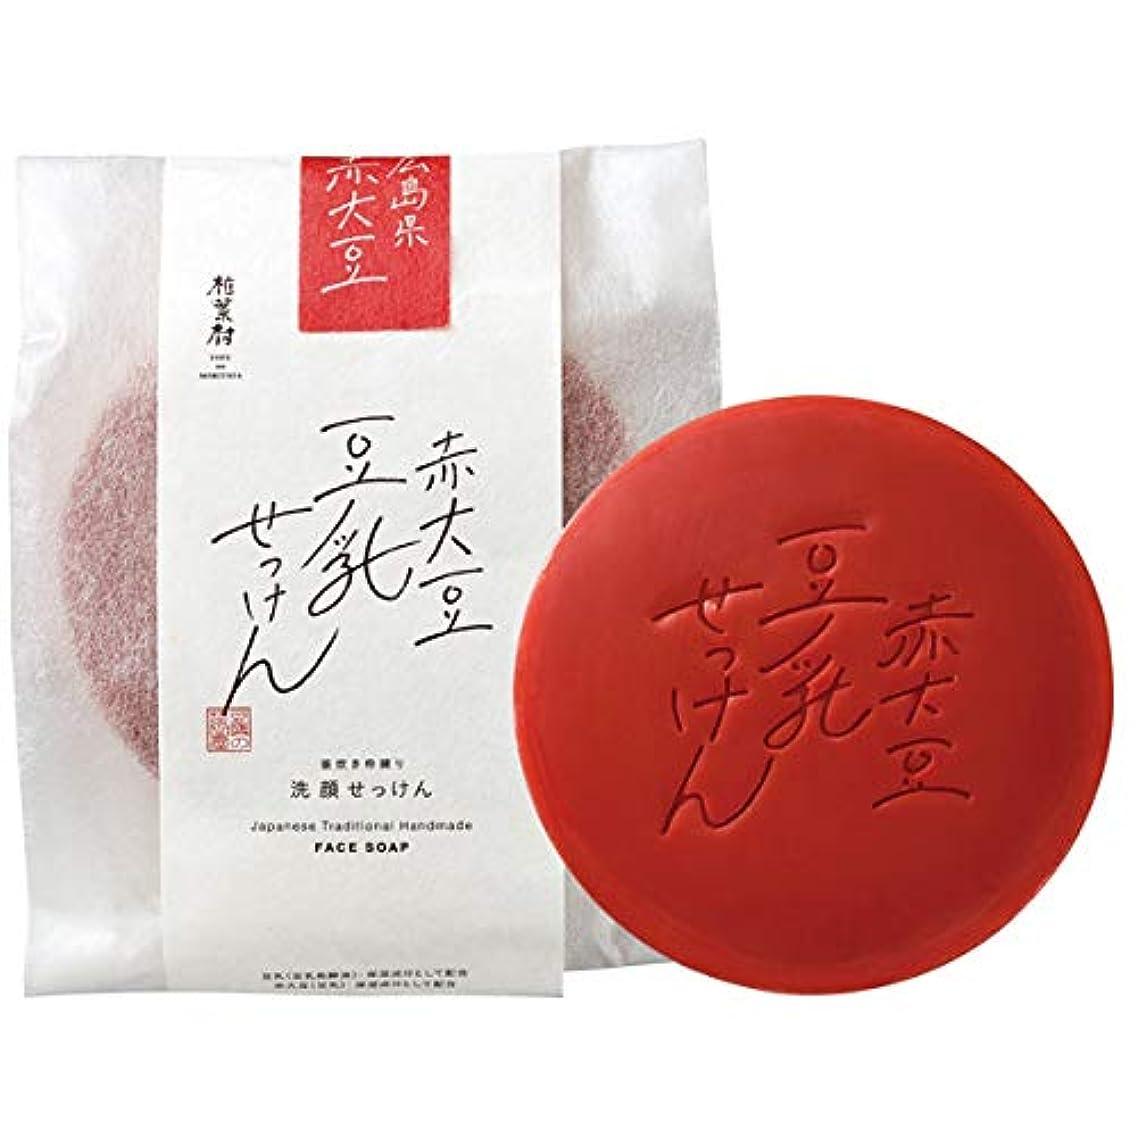 エイズキャプチャーバンケット豆腐の盛田屋 赤大豆豆乳せっけん 100g